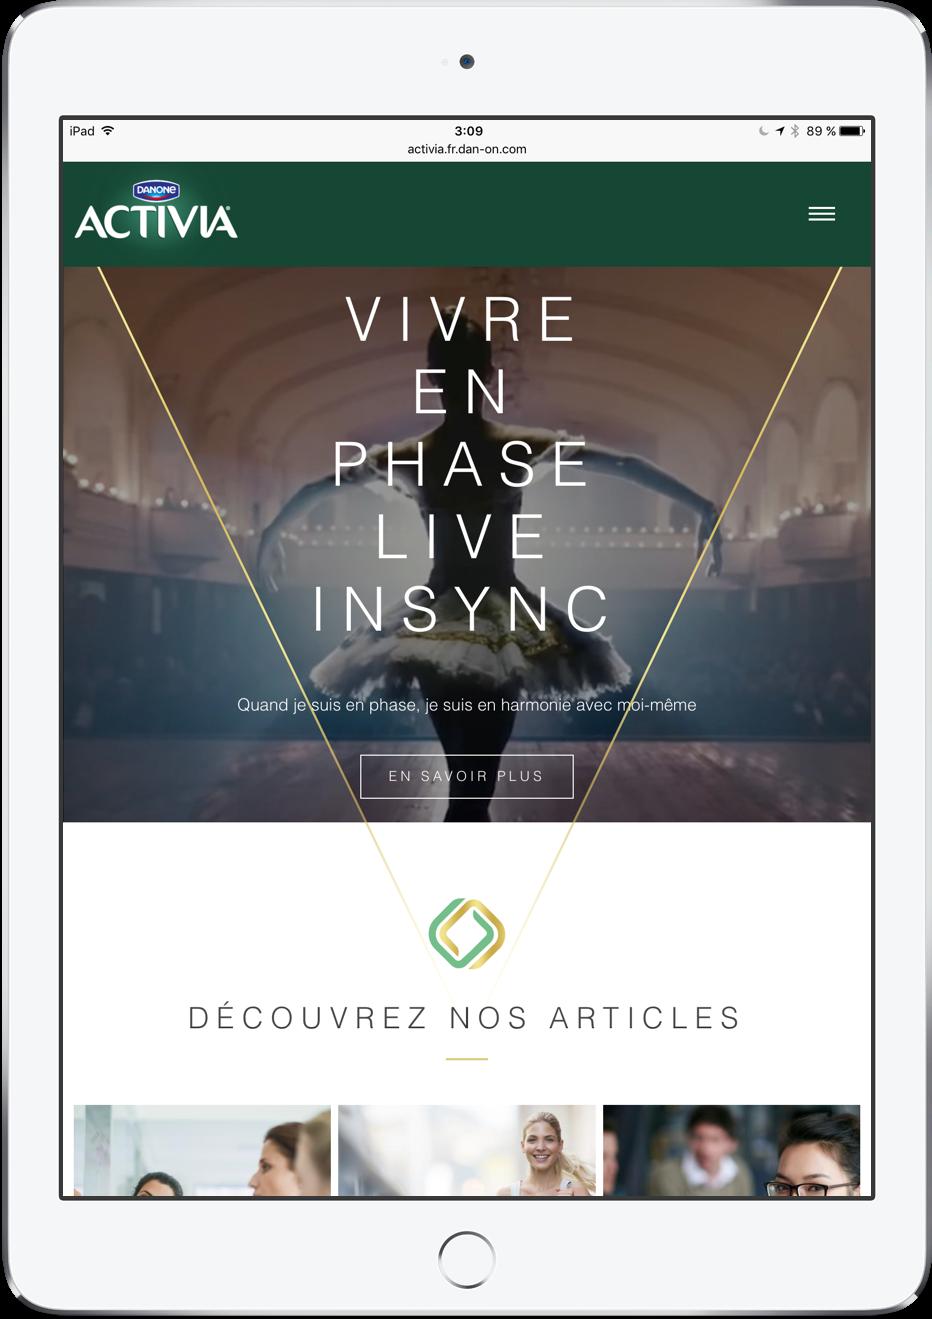 Activia website francés